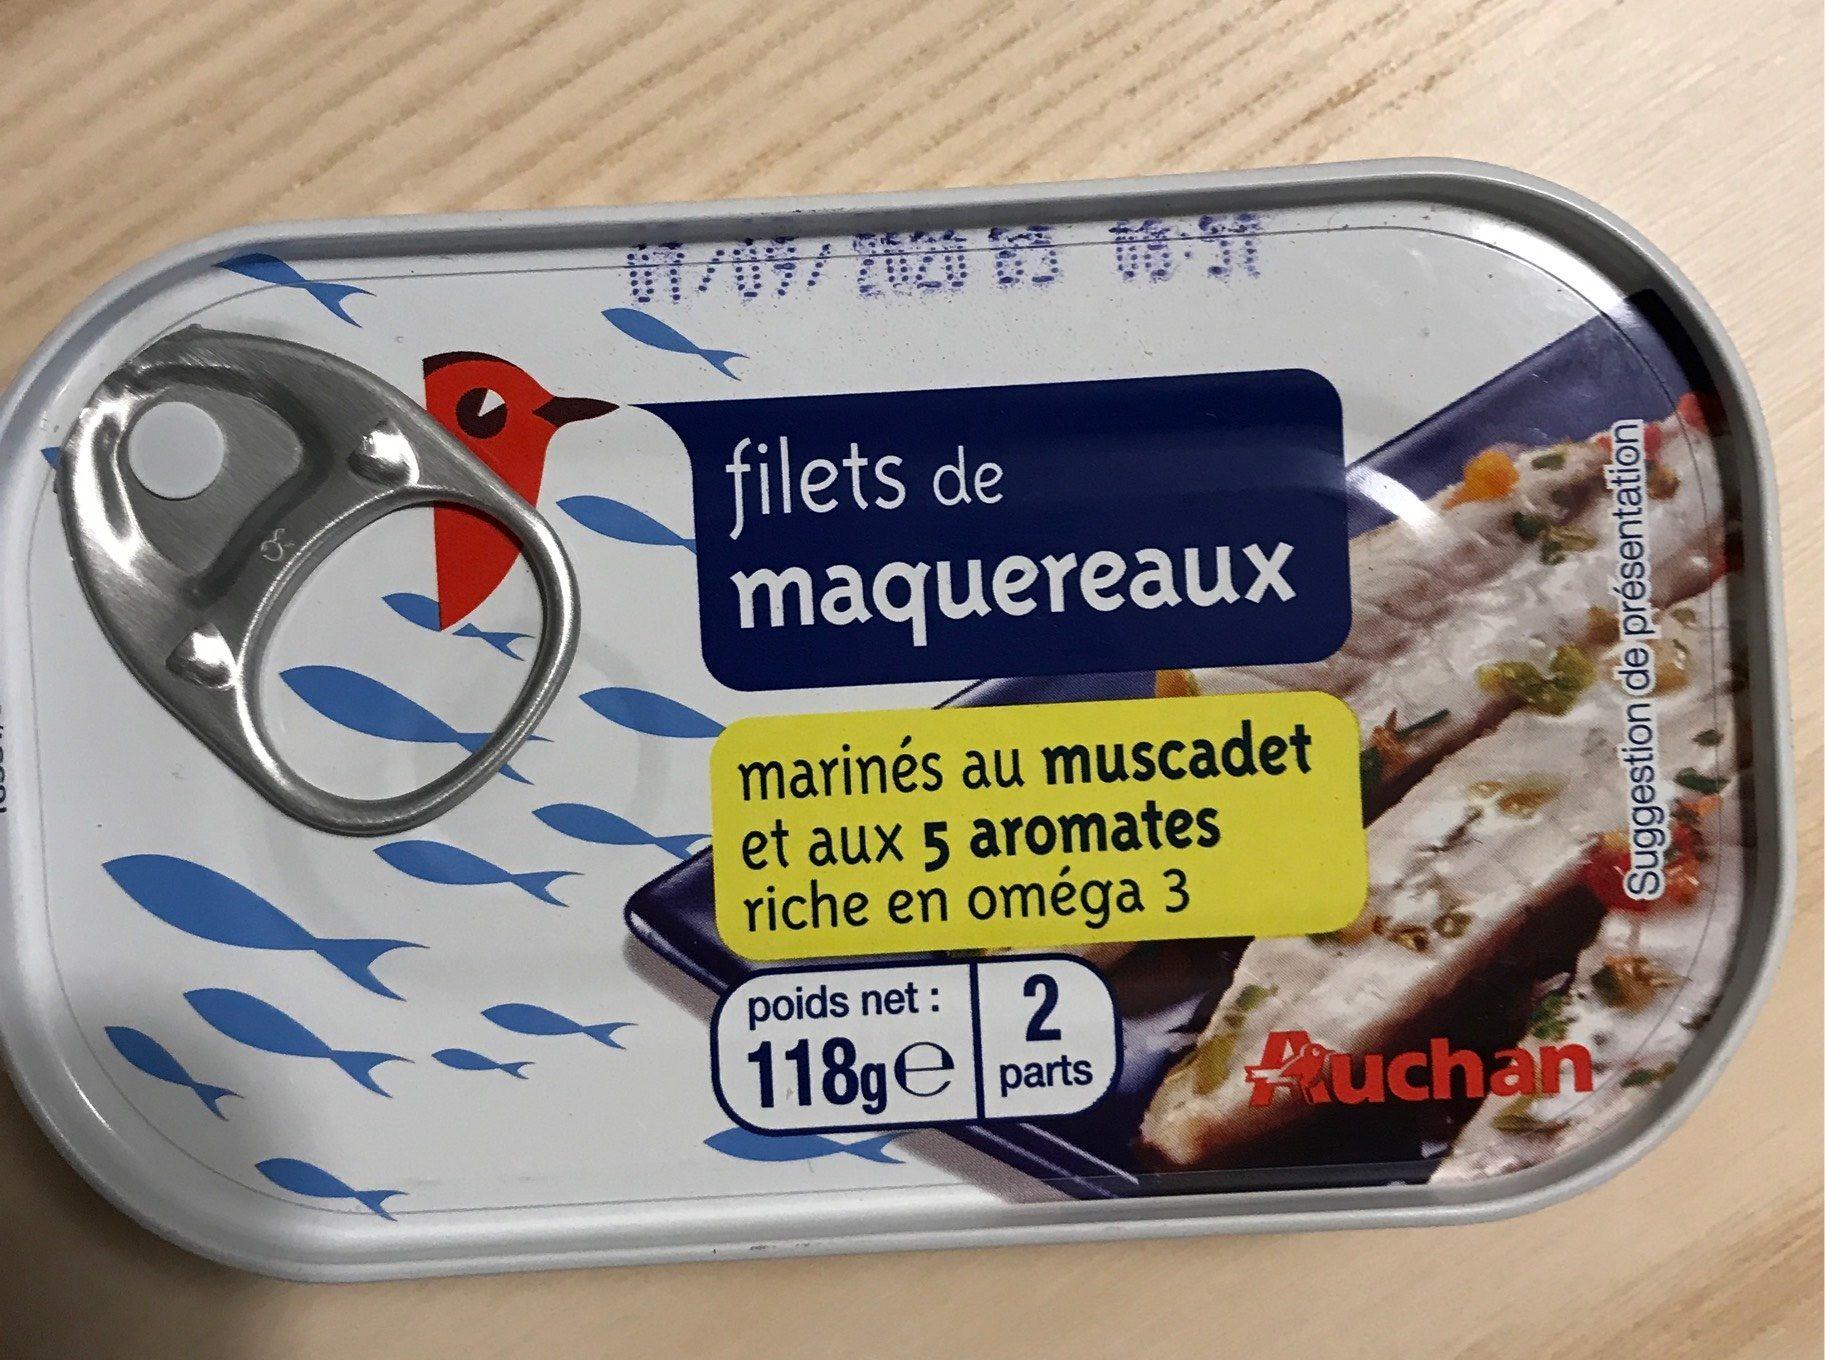 Filets de maquereaux muscadet et 5 aromates - Produit